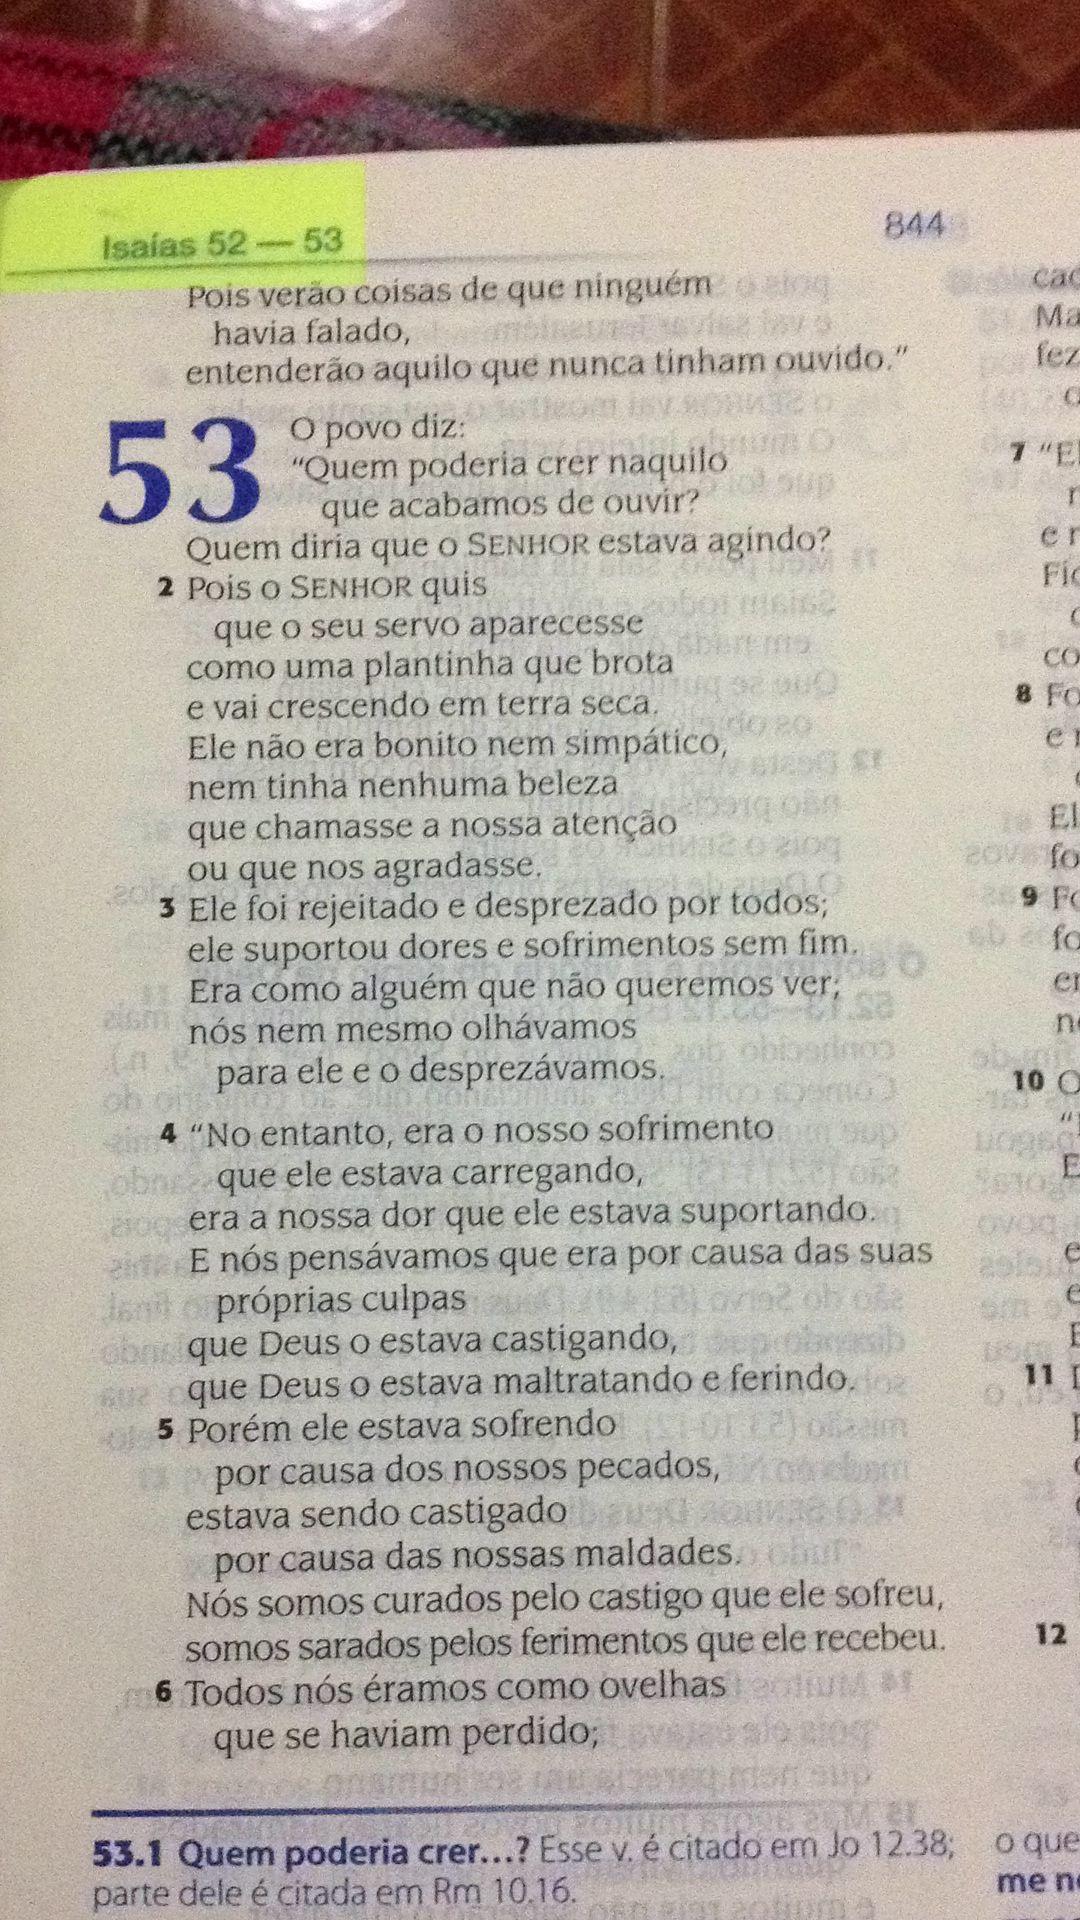 Nova Traducao Da Linguagem De Hoje Isaias 53 1 O Povo Diz Quem